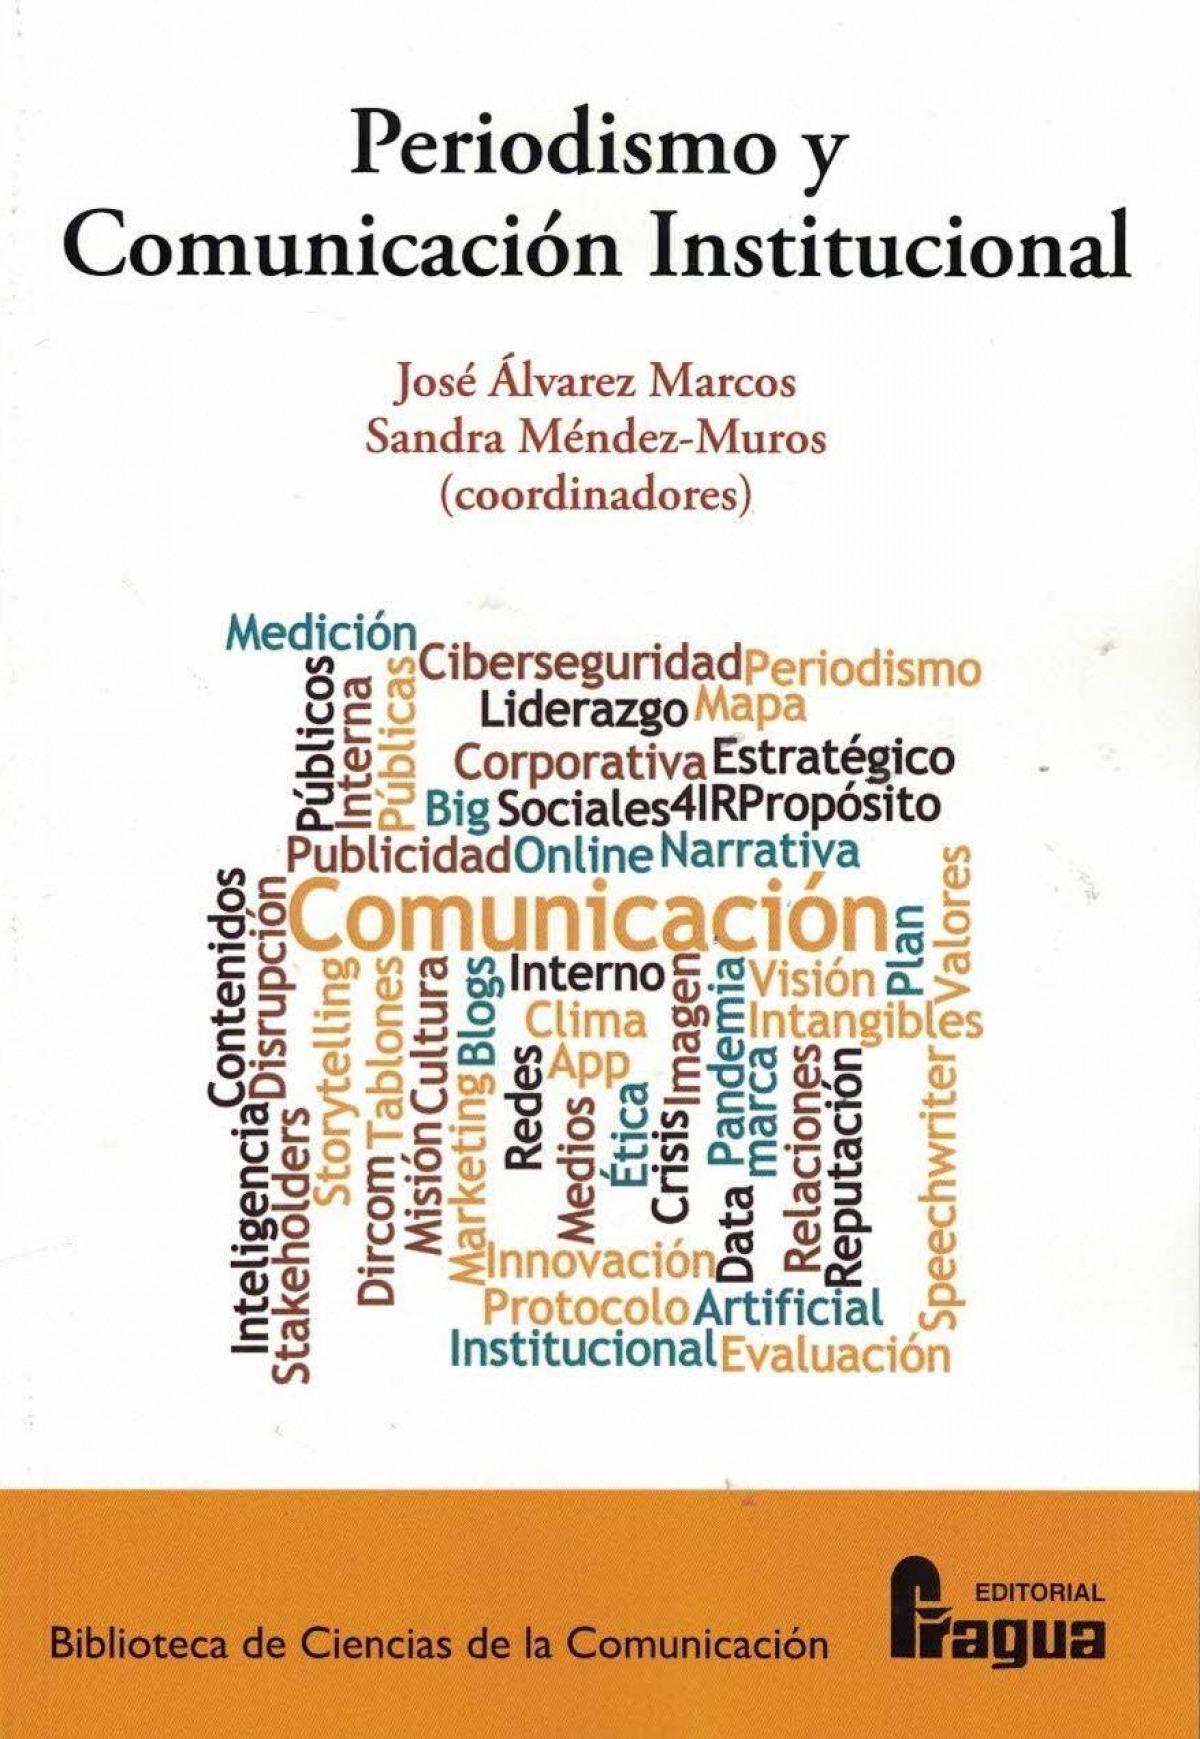 Periodismo y comunicación institucional